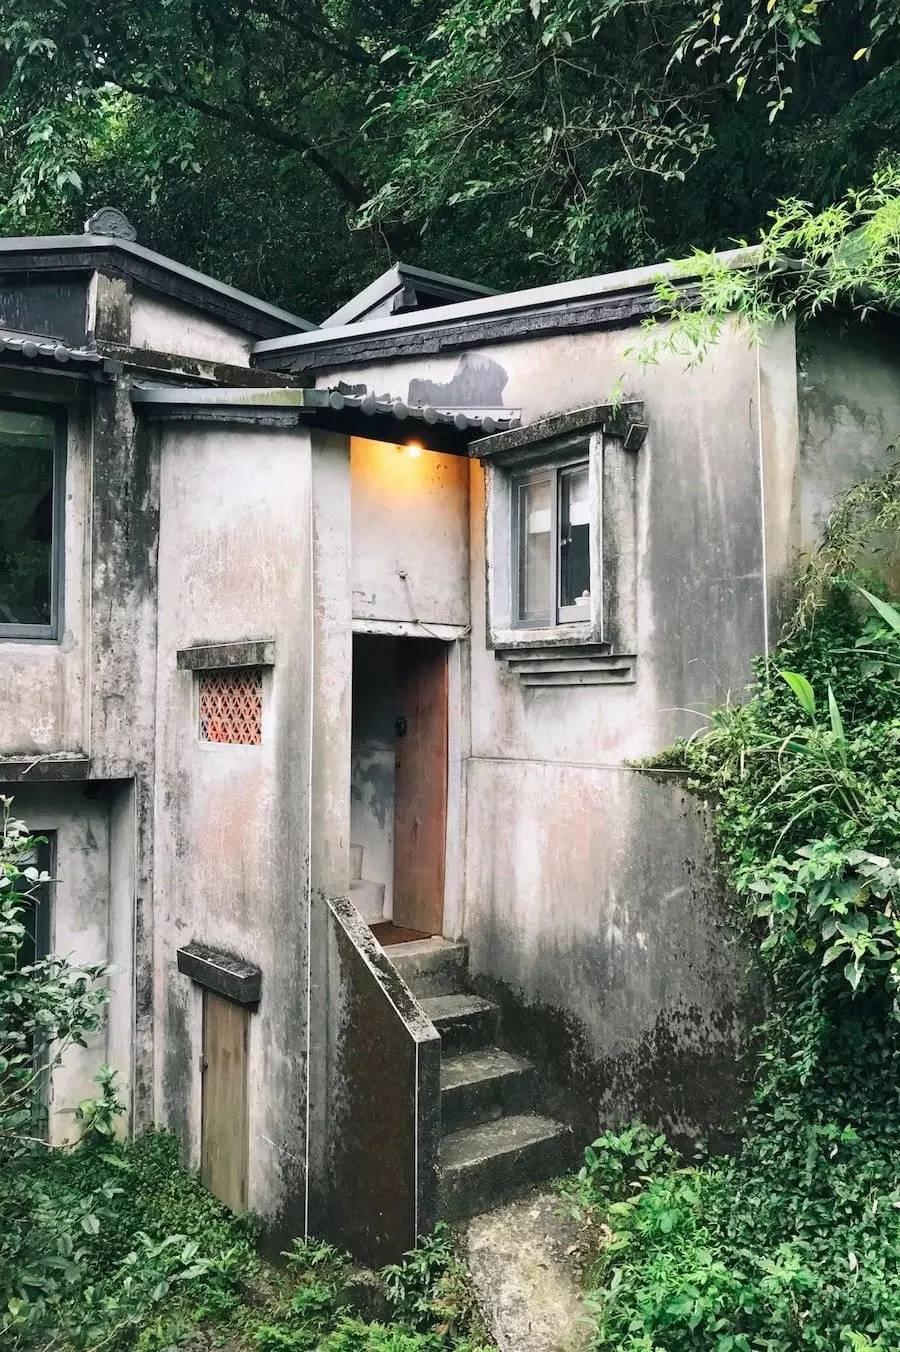 台湾最文艺的山间小屋,数树民宿设计